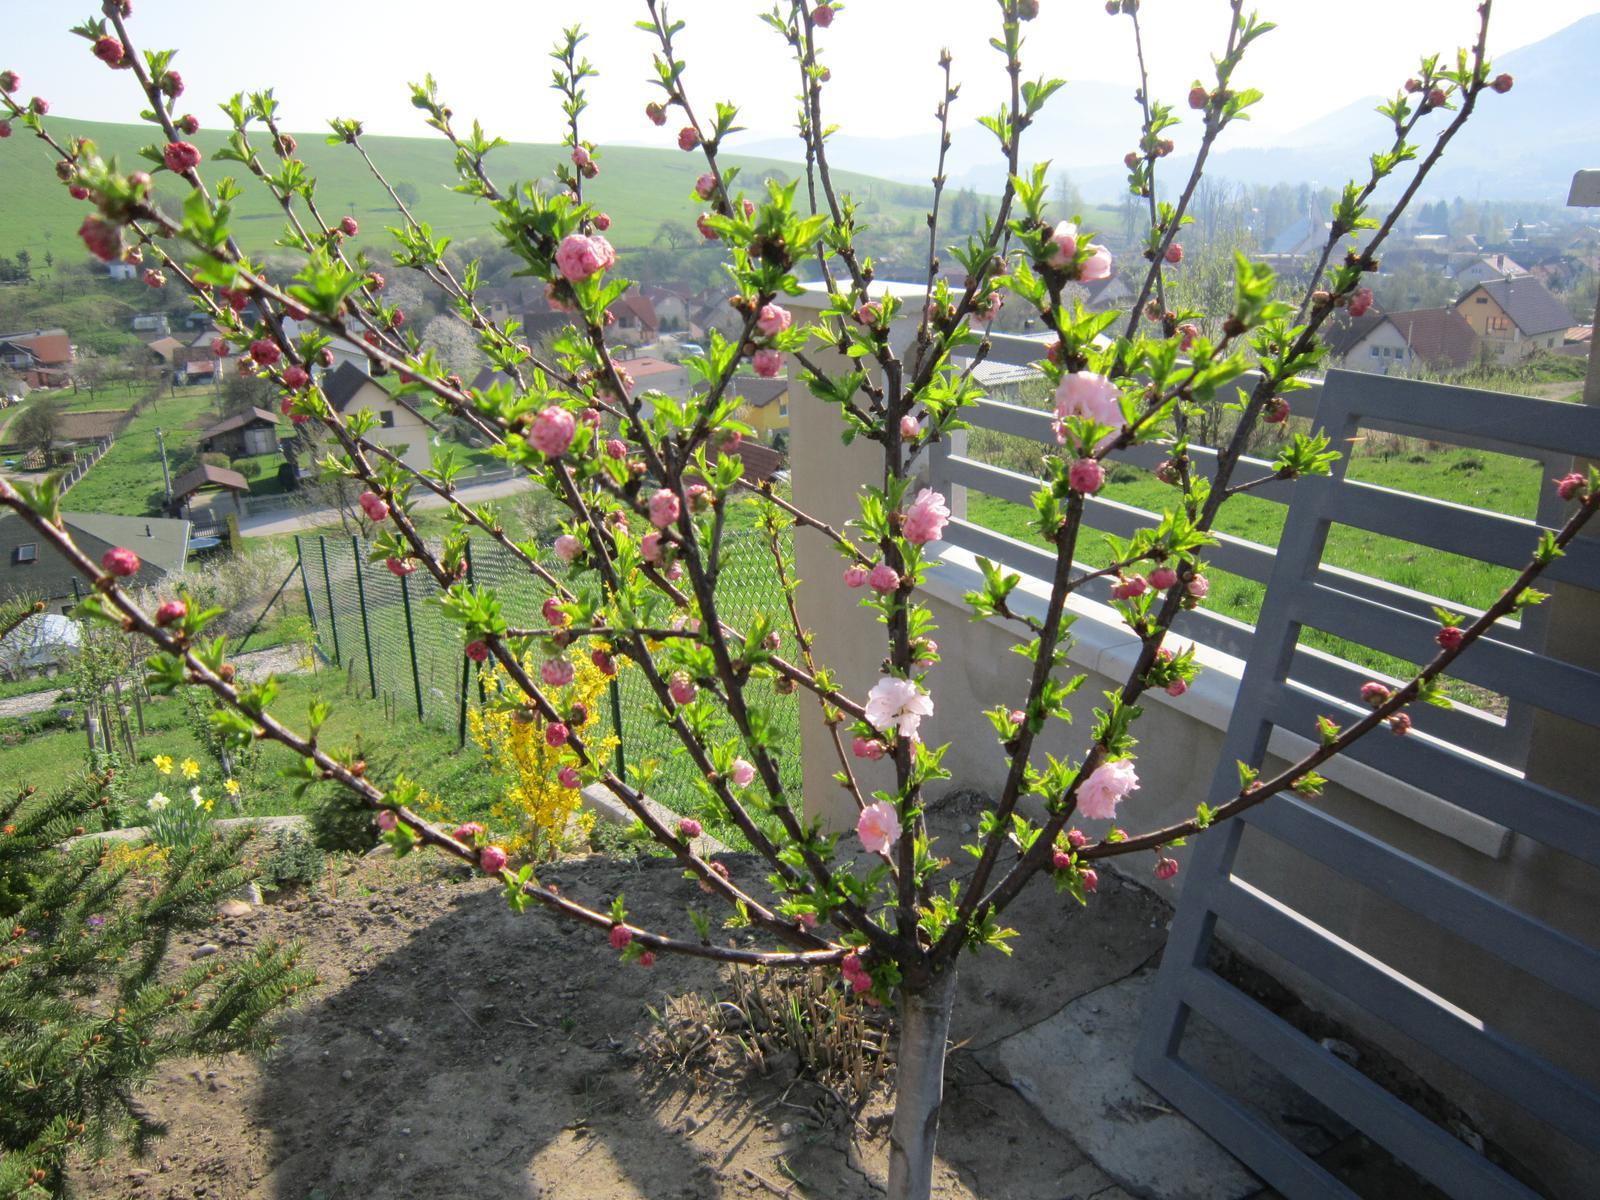 Moja záhrada...ako šiel čas - okrasná čerešňa sadená vlani...